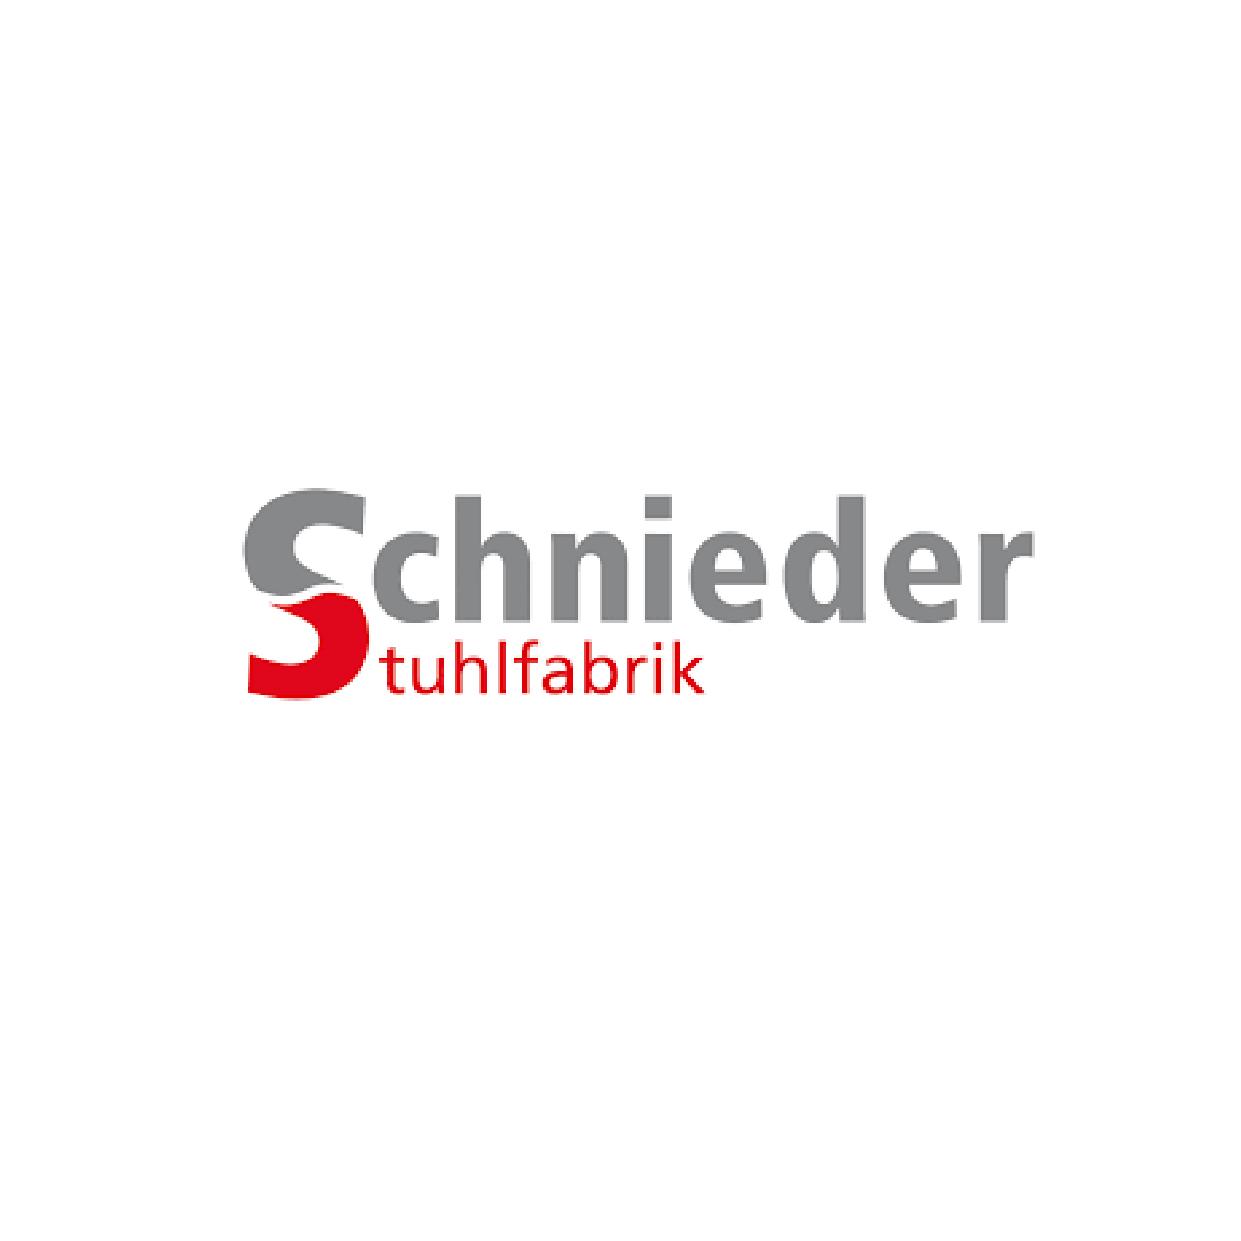 Logo_Schnieder_Zeichenfläche 1.jpg